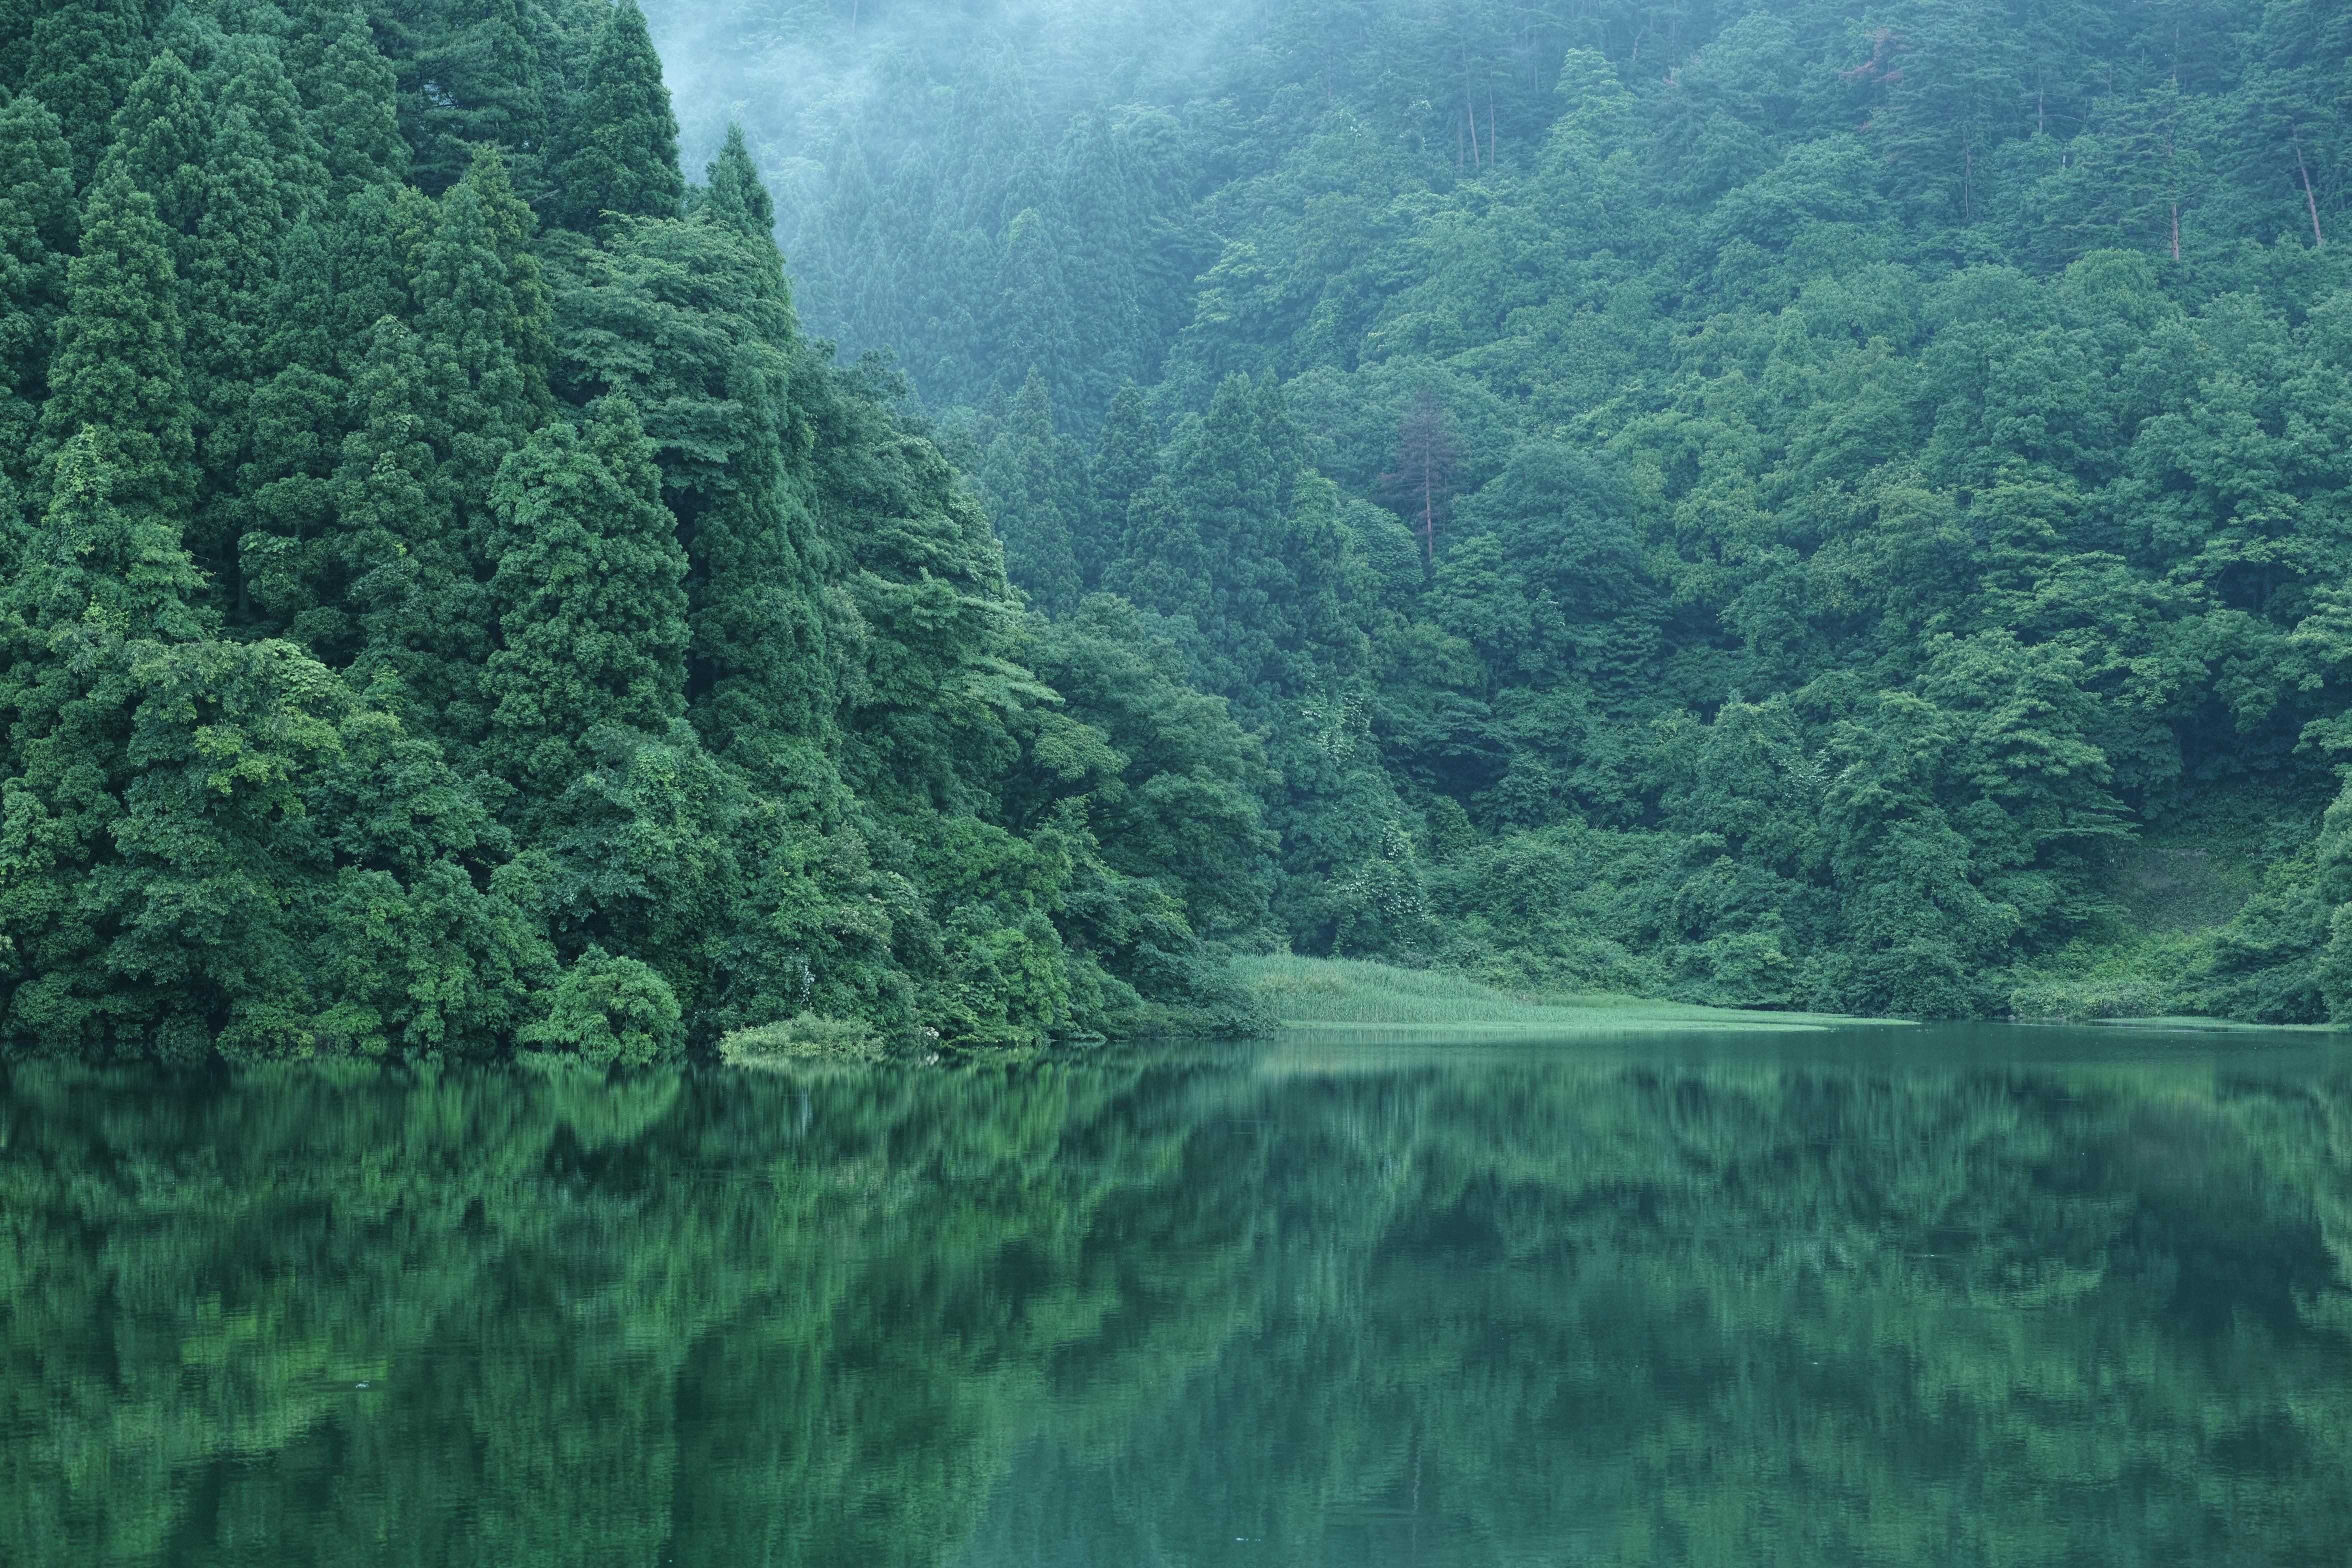 http://www.yaotomi.co.jp/blog/walk/%E9%B3%A5%E5%8F%96%E7%9C%8C%E9%81%9336%E5%8F%B7%E7%B7%9A%E6%98%8E%E9%96%93_%E8%B2%AF%E6%B0%B4%E6%B1%A0_2013yaotomi_1f.jpg